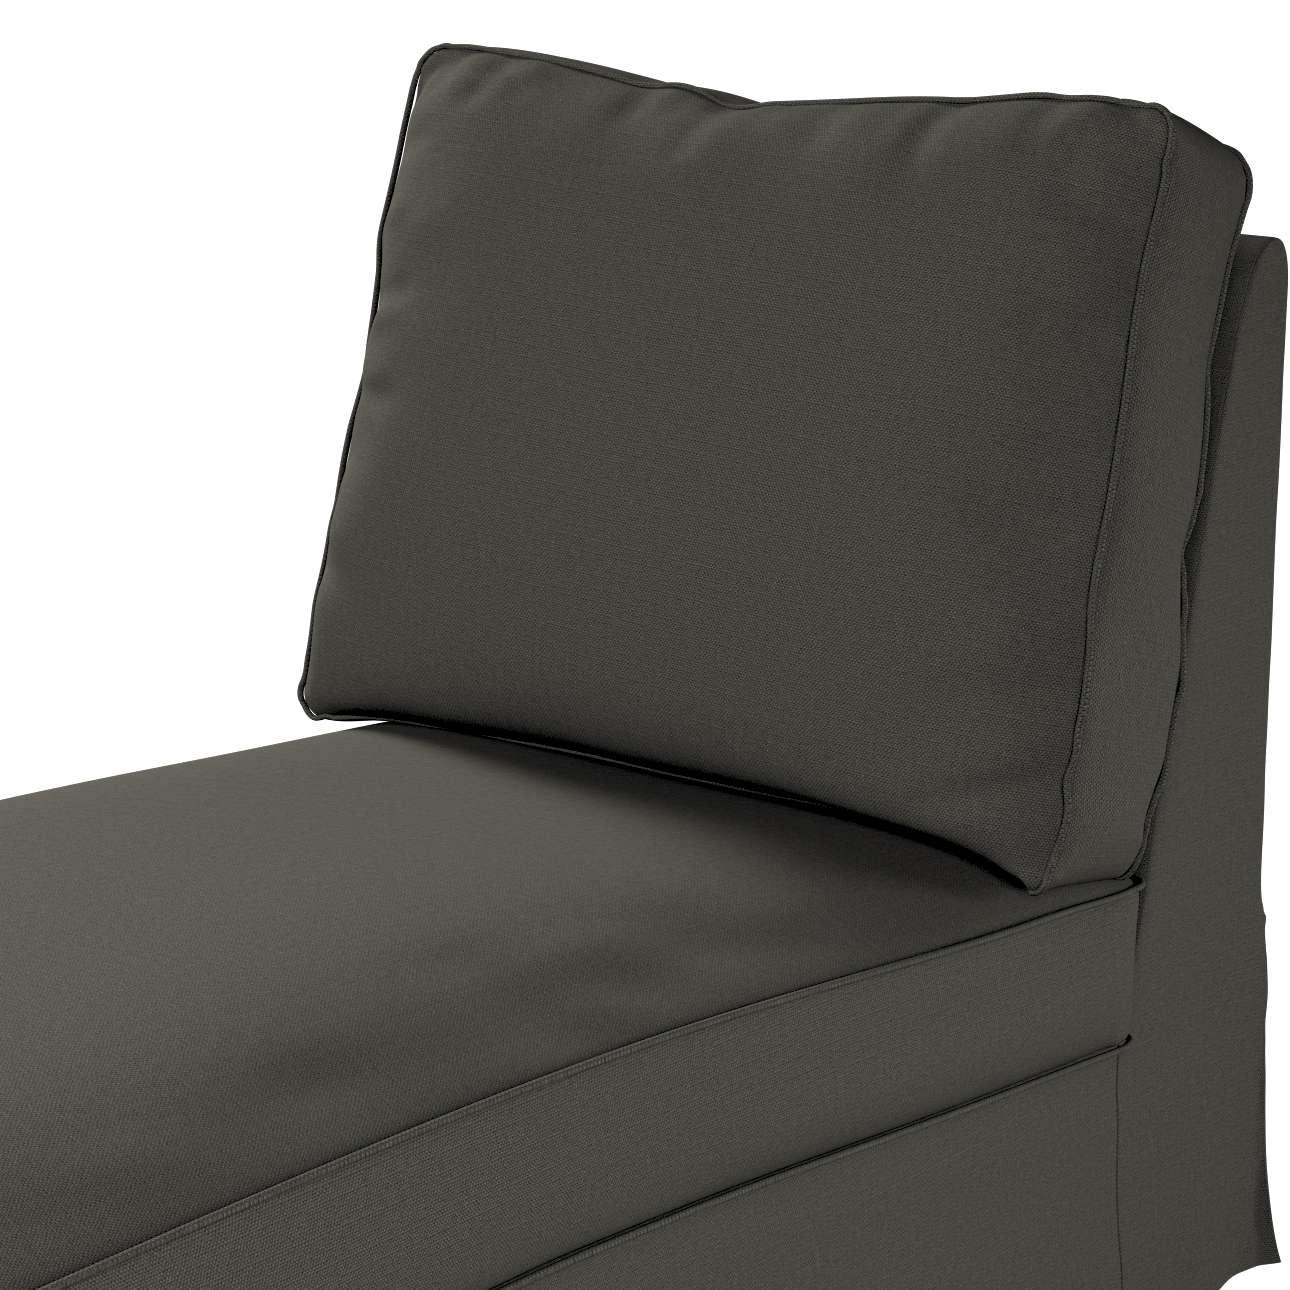 Pokrowiec na szezlong/ leżankę Ektorp wolnostojący prosty tył w kolekcji Living, tkanina: 161-55